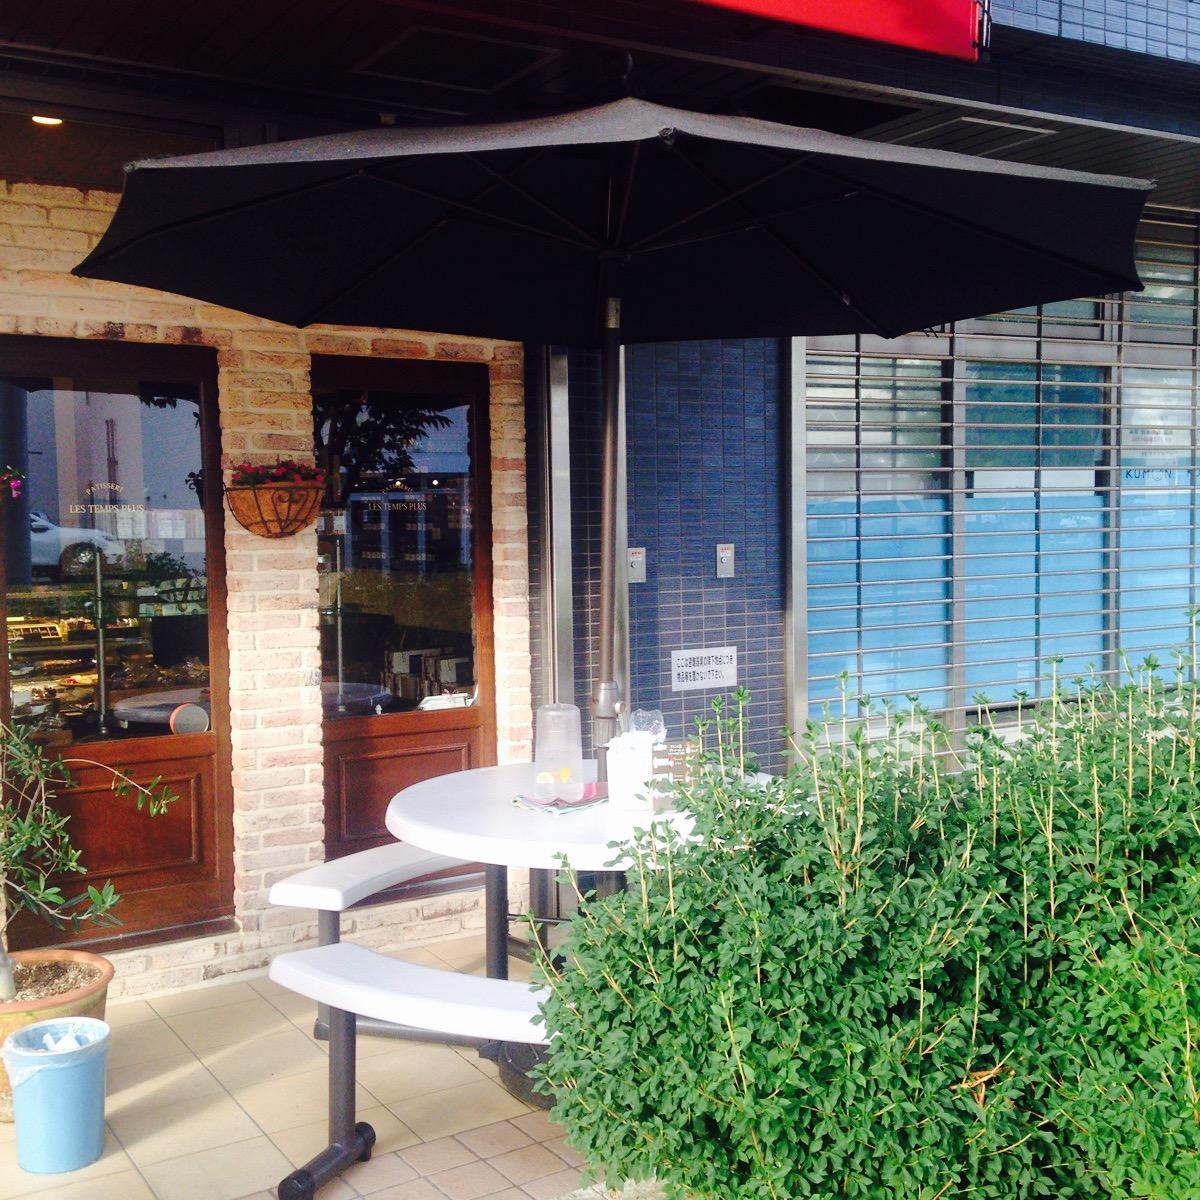 住宅街の中にひっそりと佇む洋菓子店『レタンプリュス』カフェスペース・テラス有り